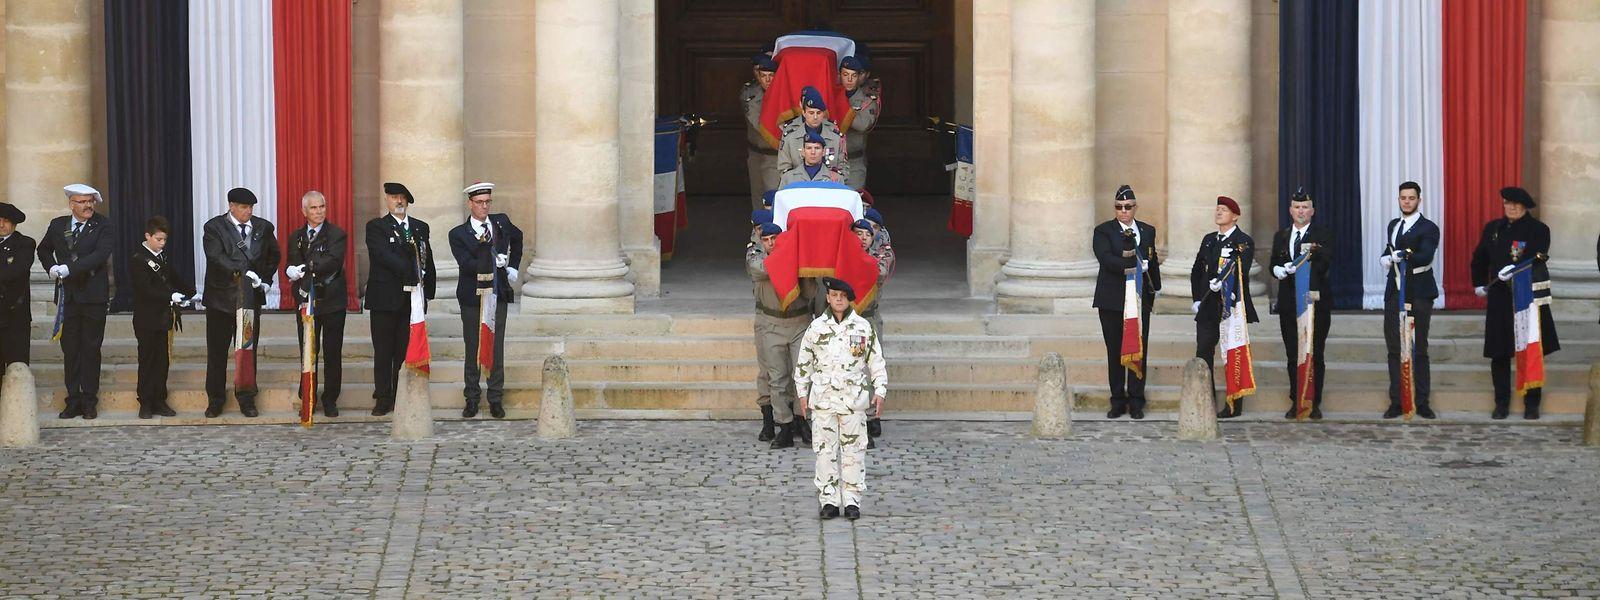 Die Särge der 13 Gefallenen werden in den Ehrenhof des Pariser Invalidenhofs getragen.